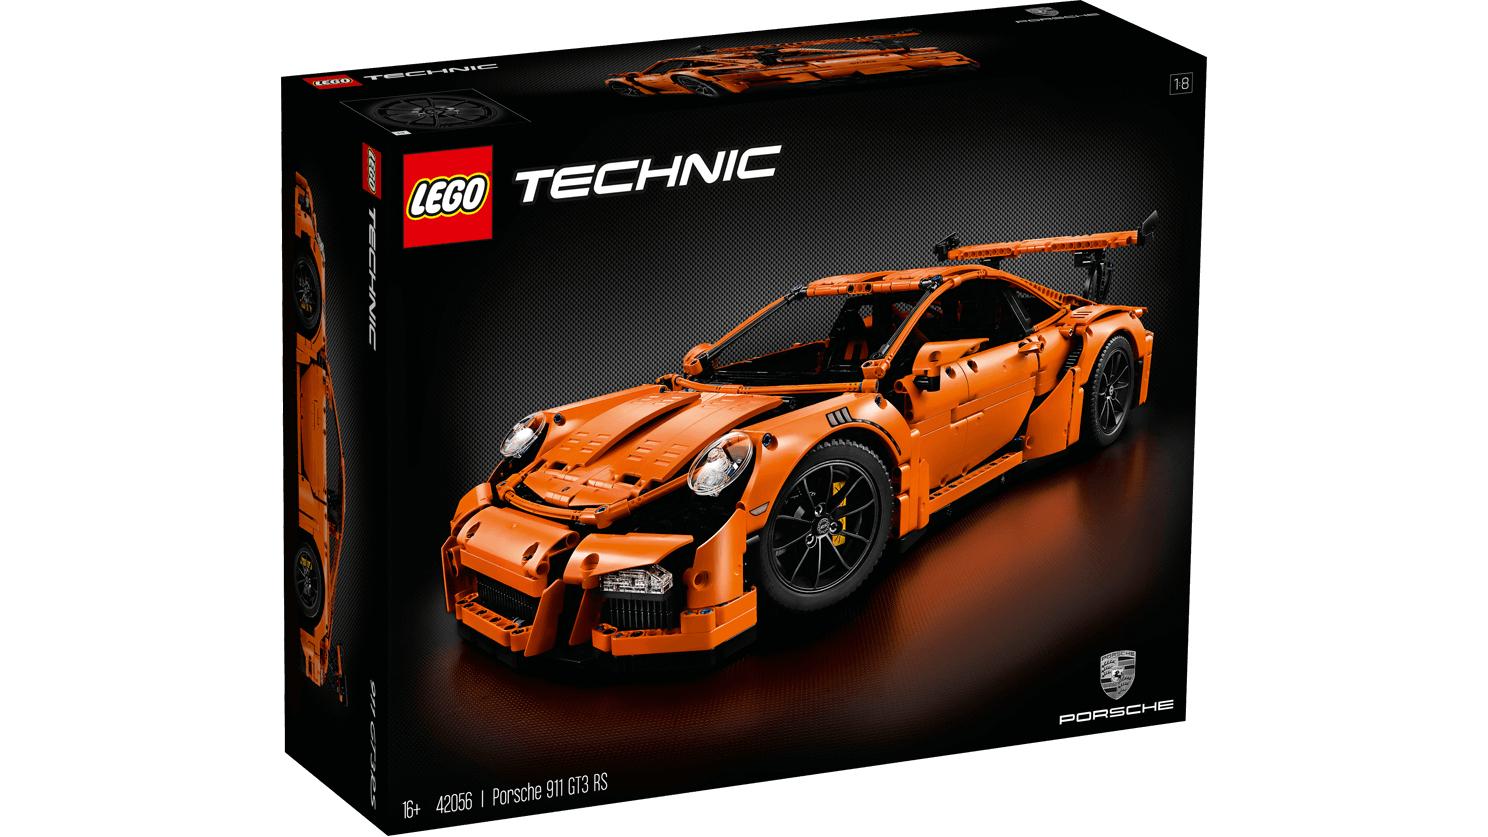 [ToysRus] Lego Technik Porsche 911 GT3 RS für 209,98